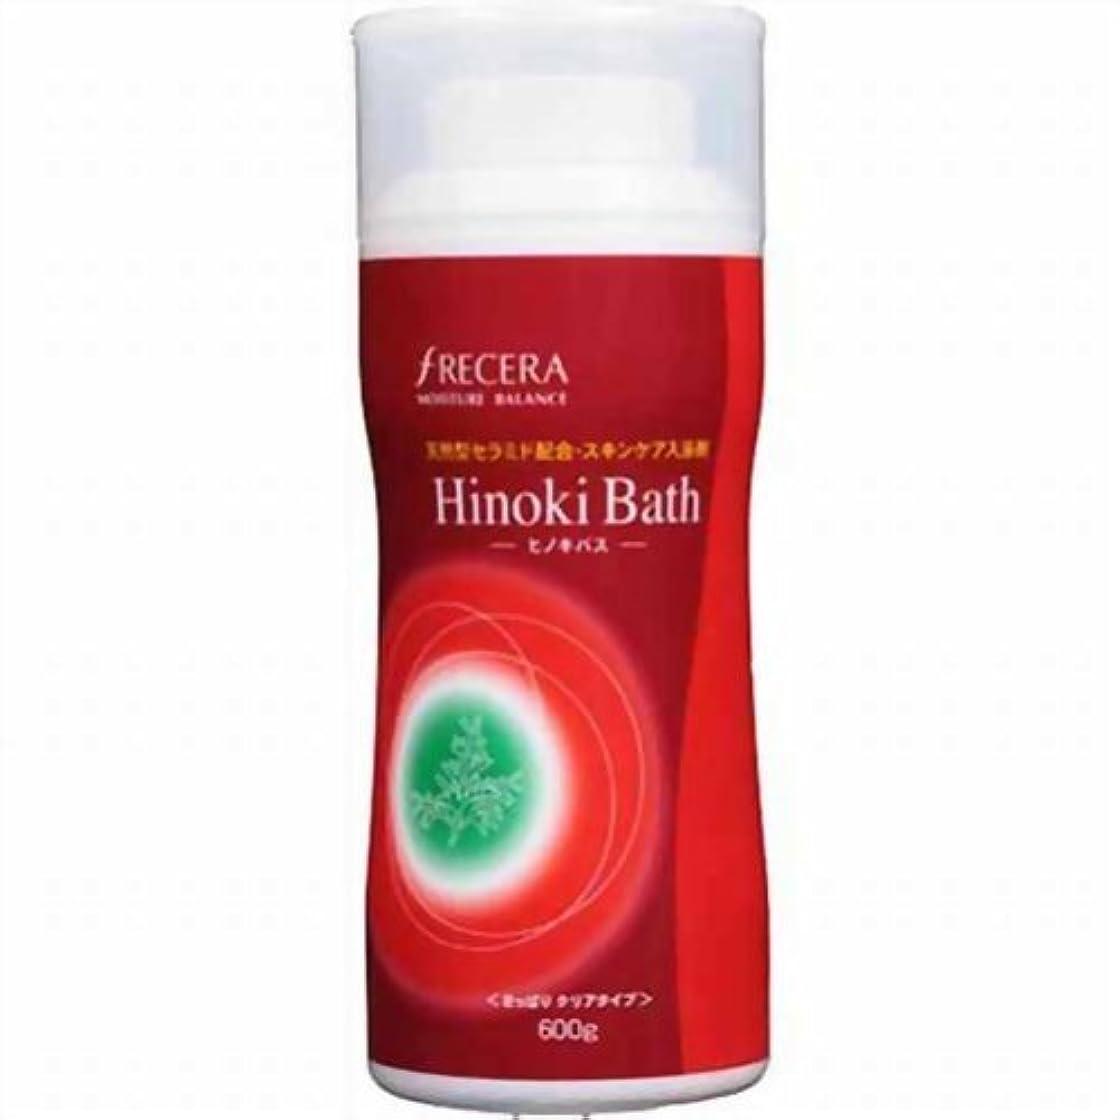 カタログ表面開示するフレッセラ セラミド入浴剤 ヒノキバス 600g